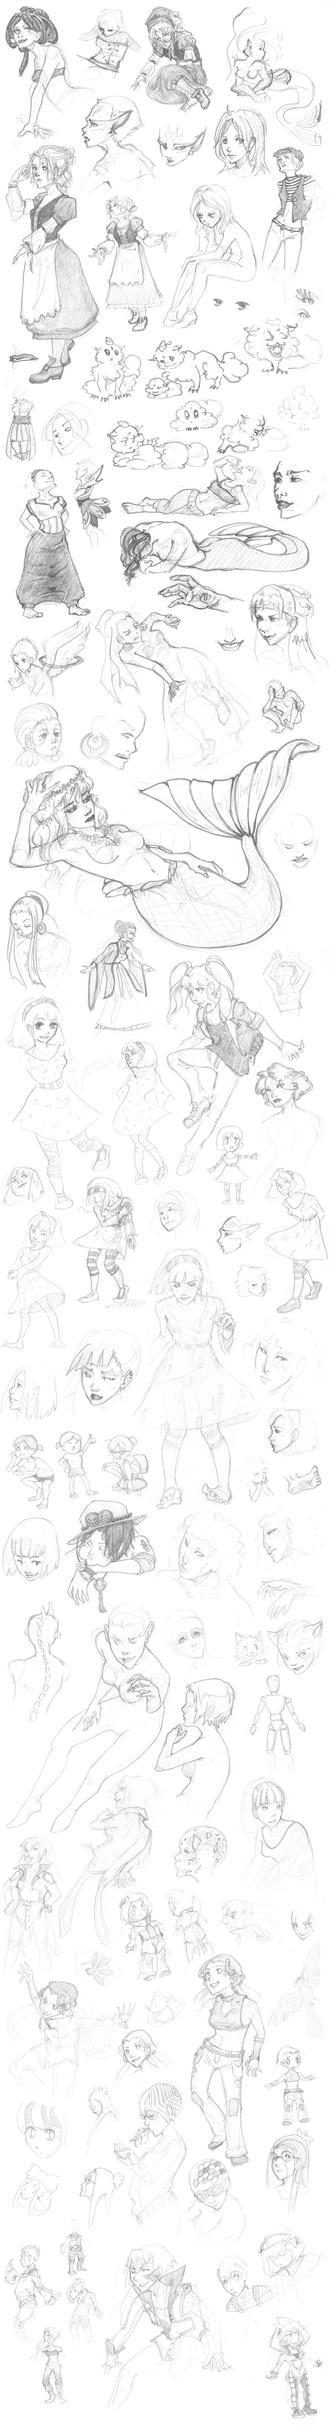 Doodle Dump 2 by shadowblackblood